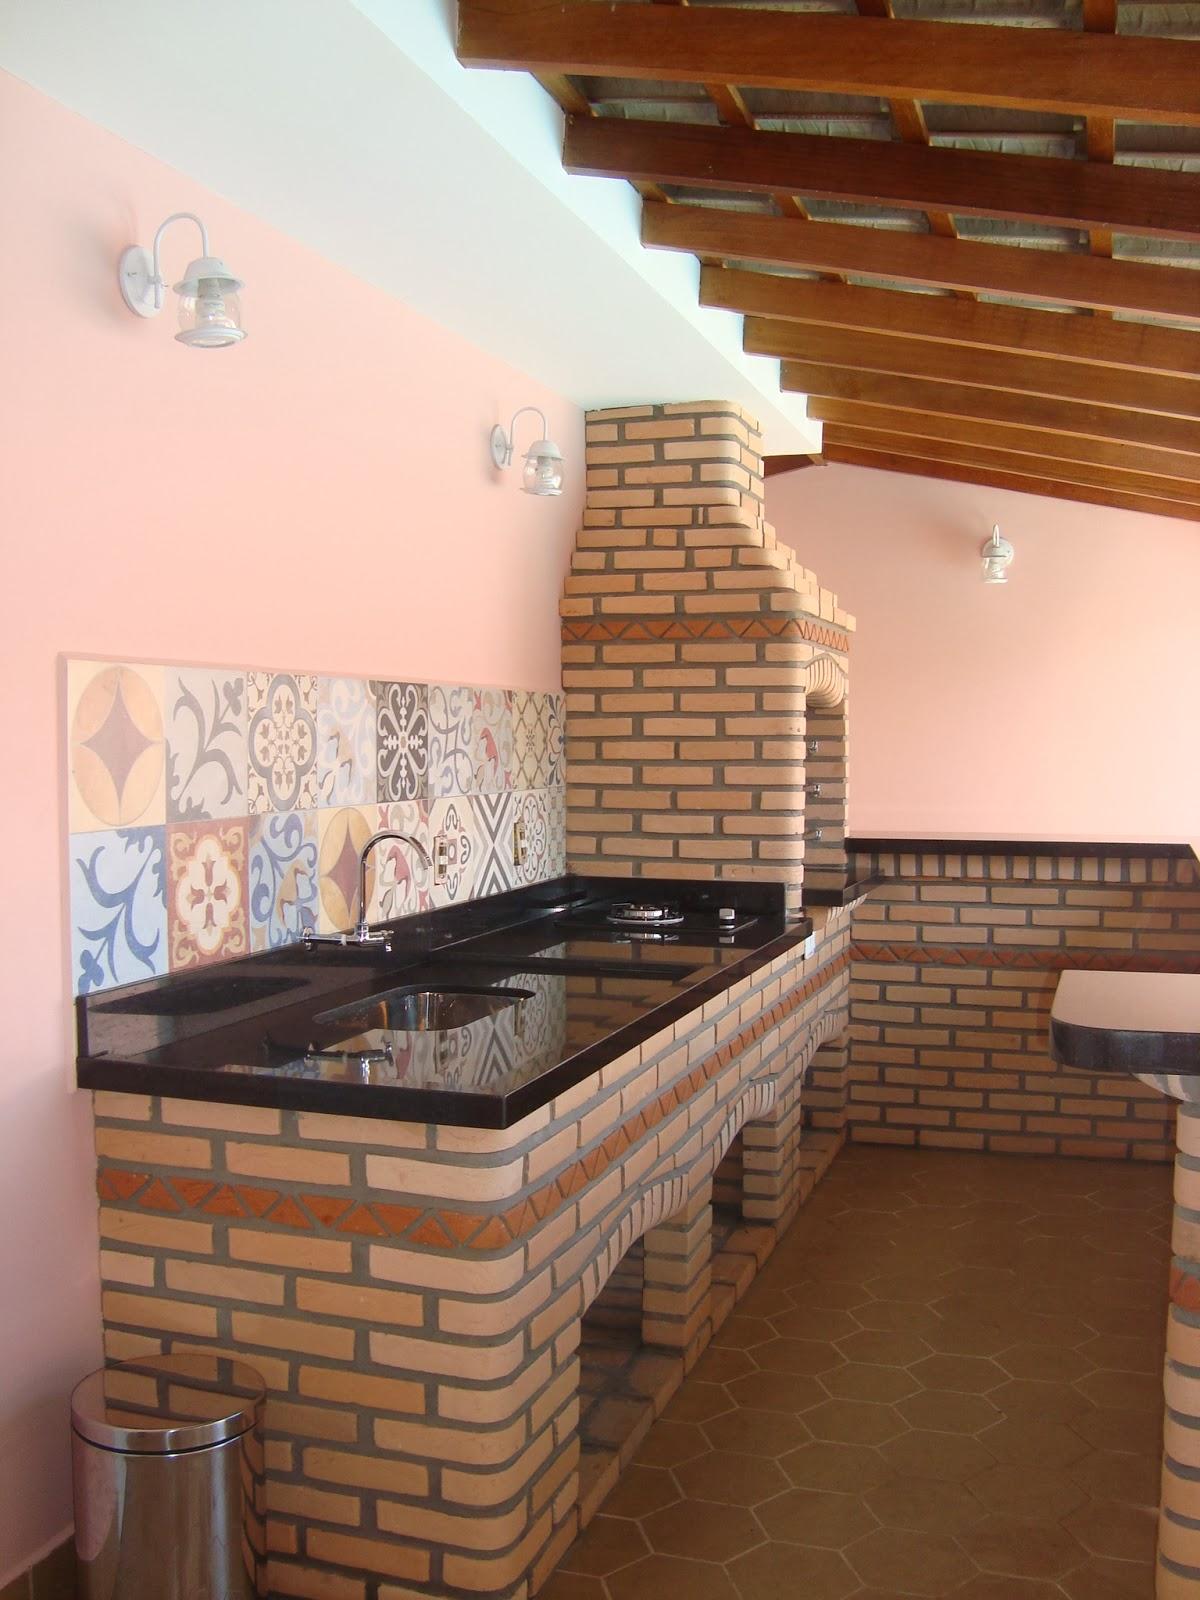 Banheiro Simples Para Area De Lazer  homefiresafetykitcom banheiros com pas -> Banheiro Simples Para Area De Lazer